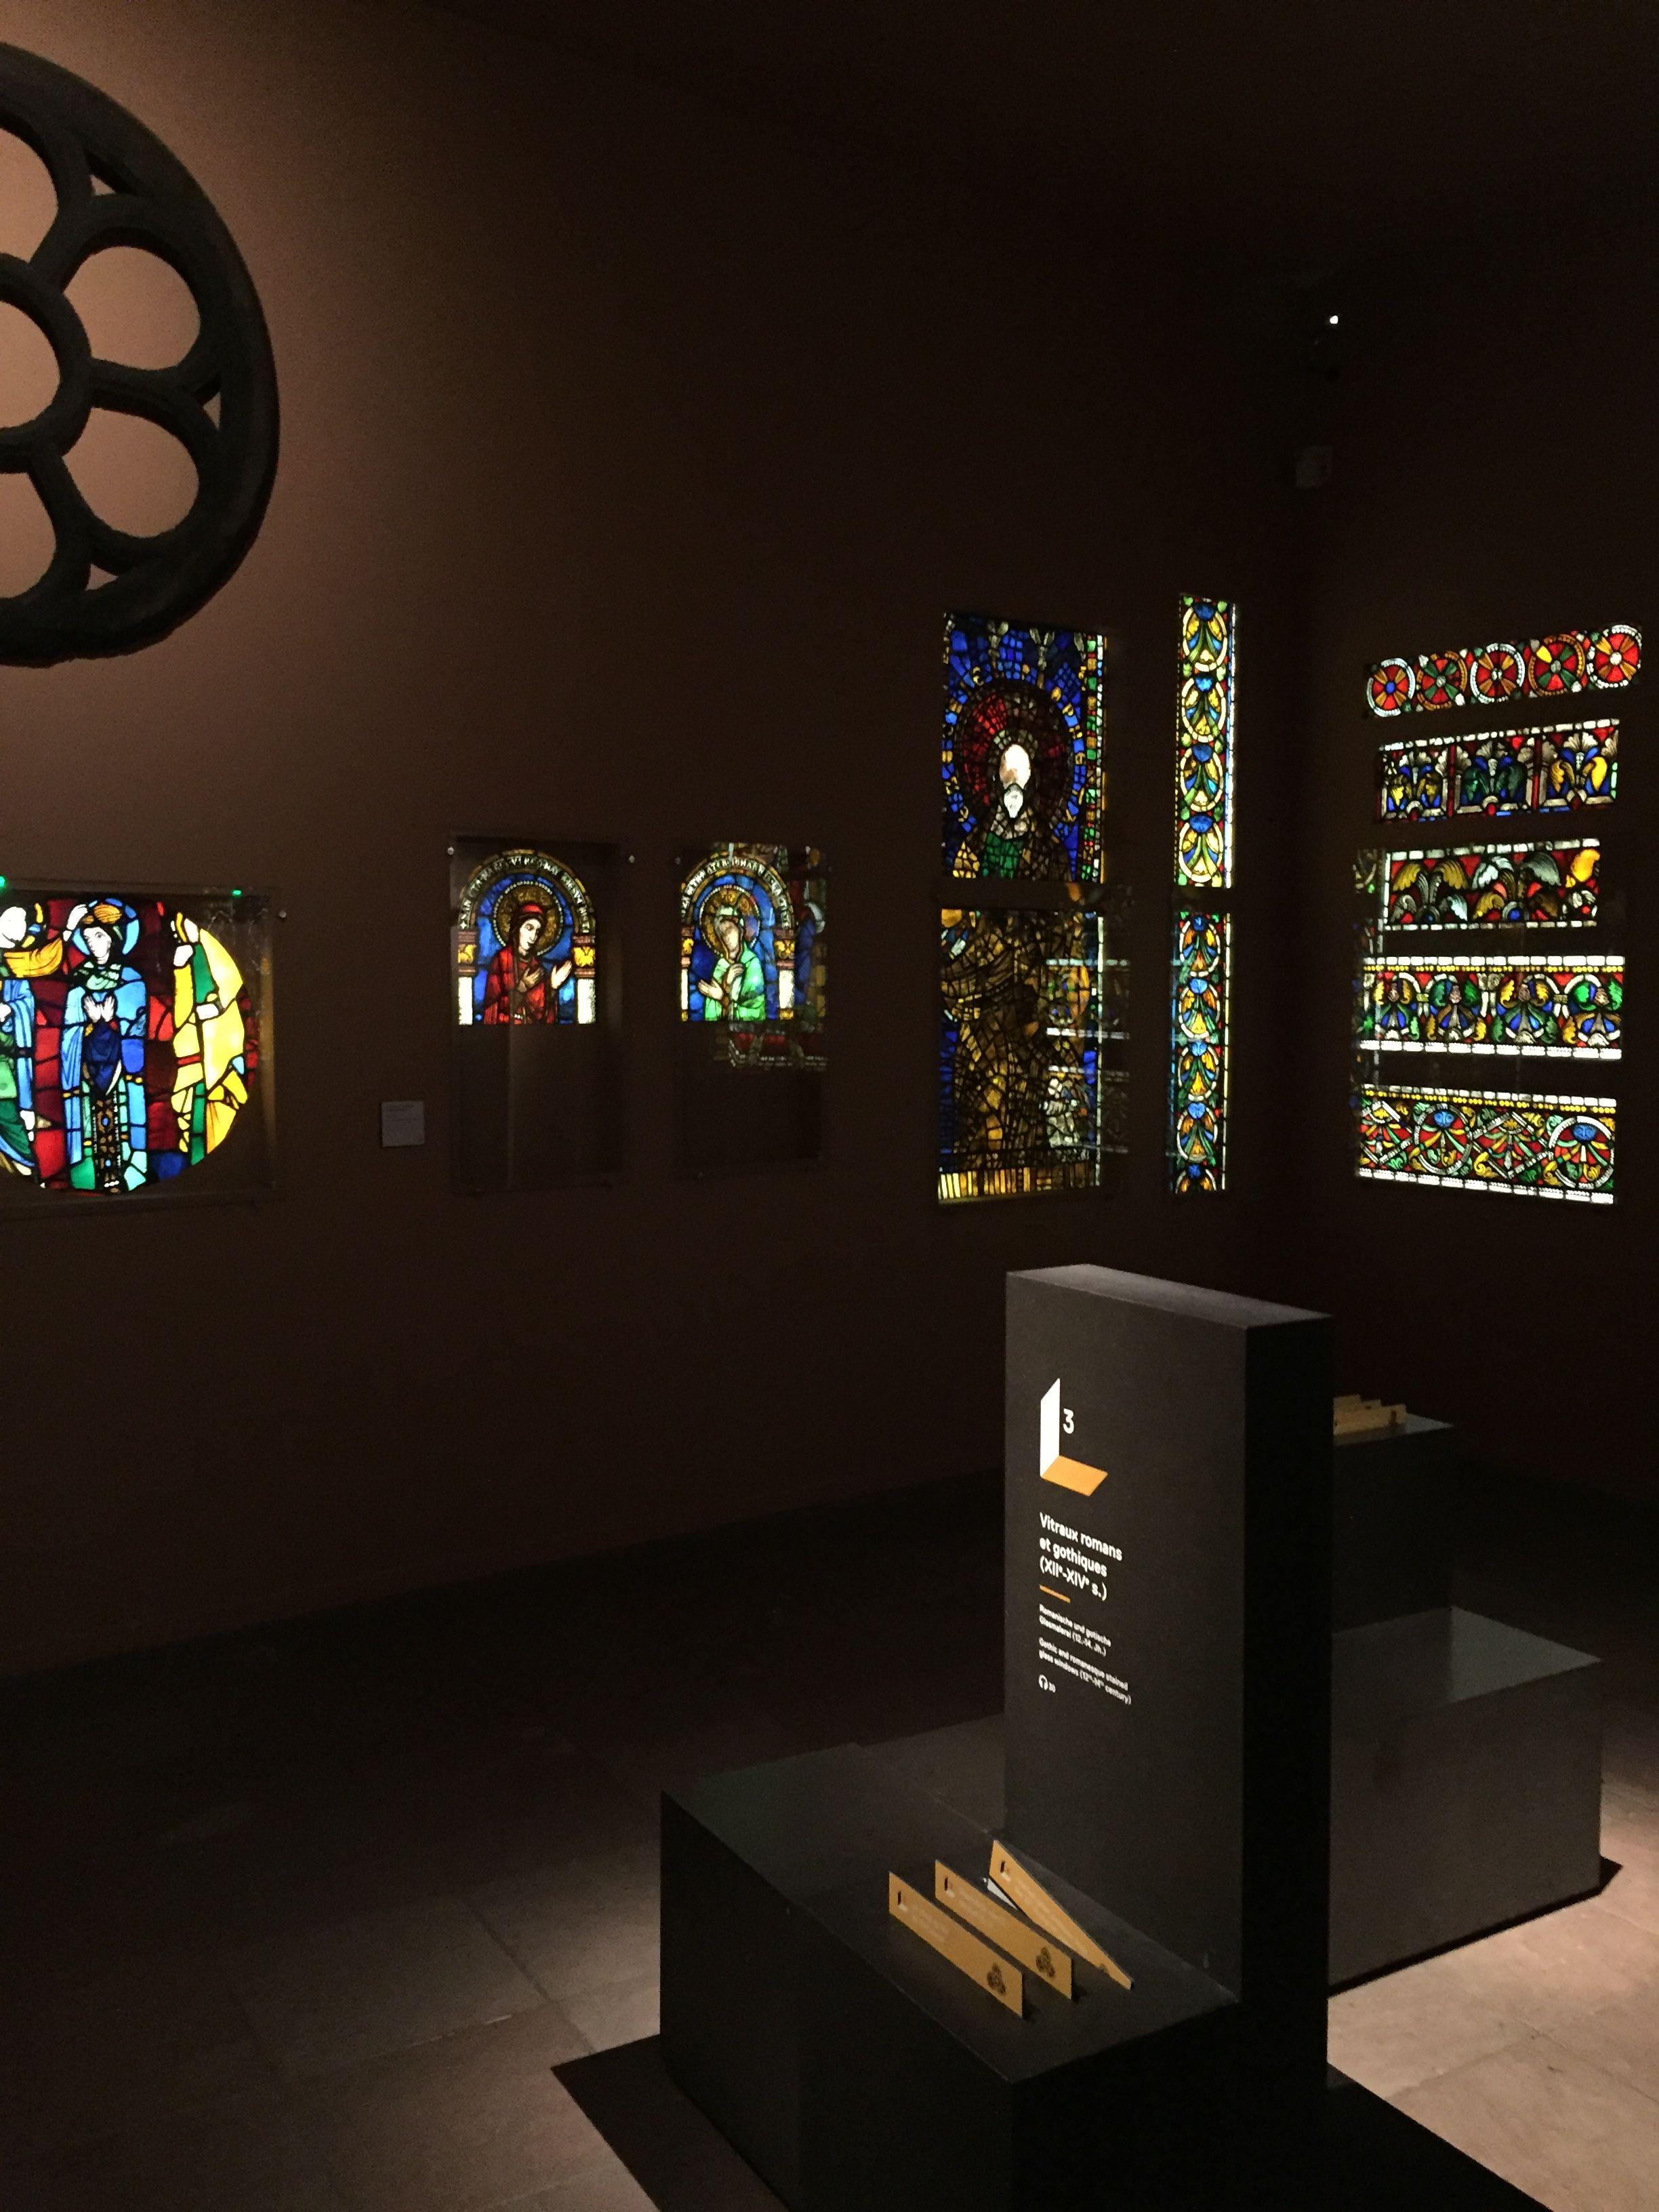 Musee De Oeuvre Notre Dame Strasbourg Absolute Empfehlung Mit Bildern Museum